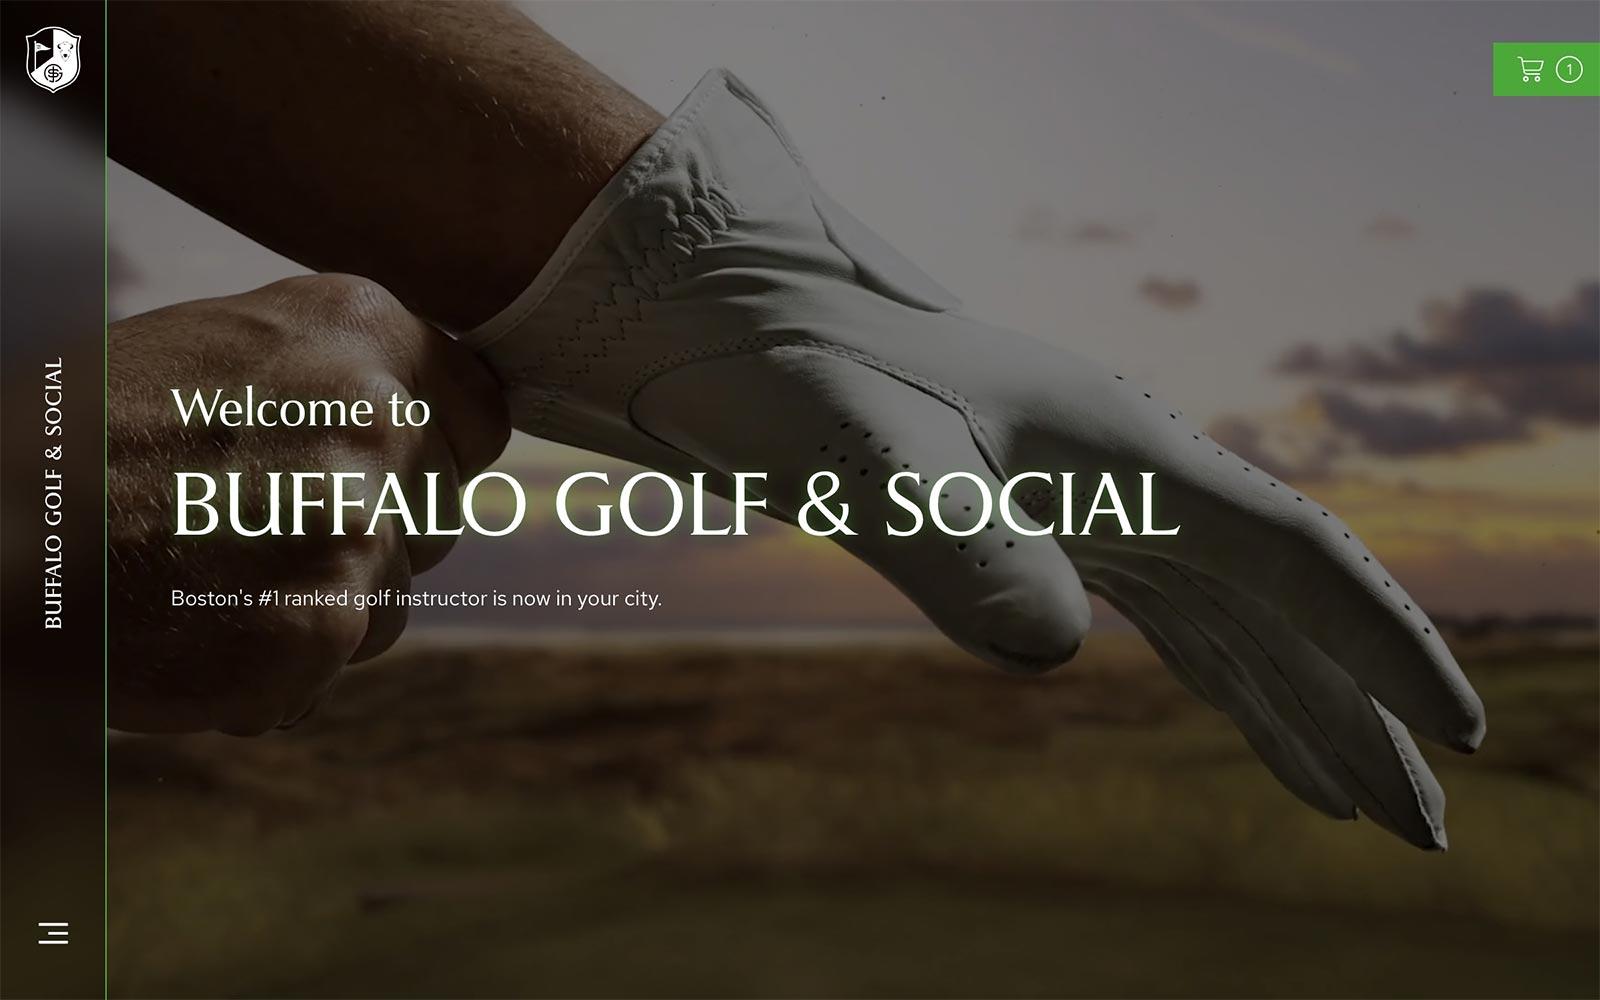 Buffalo Golf & Social